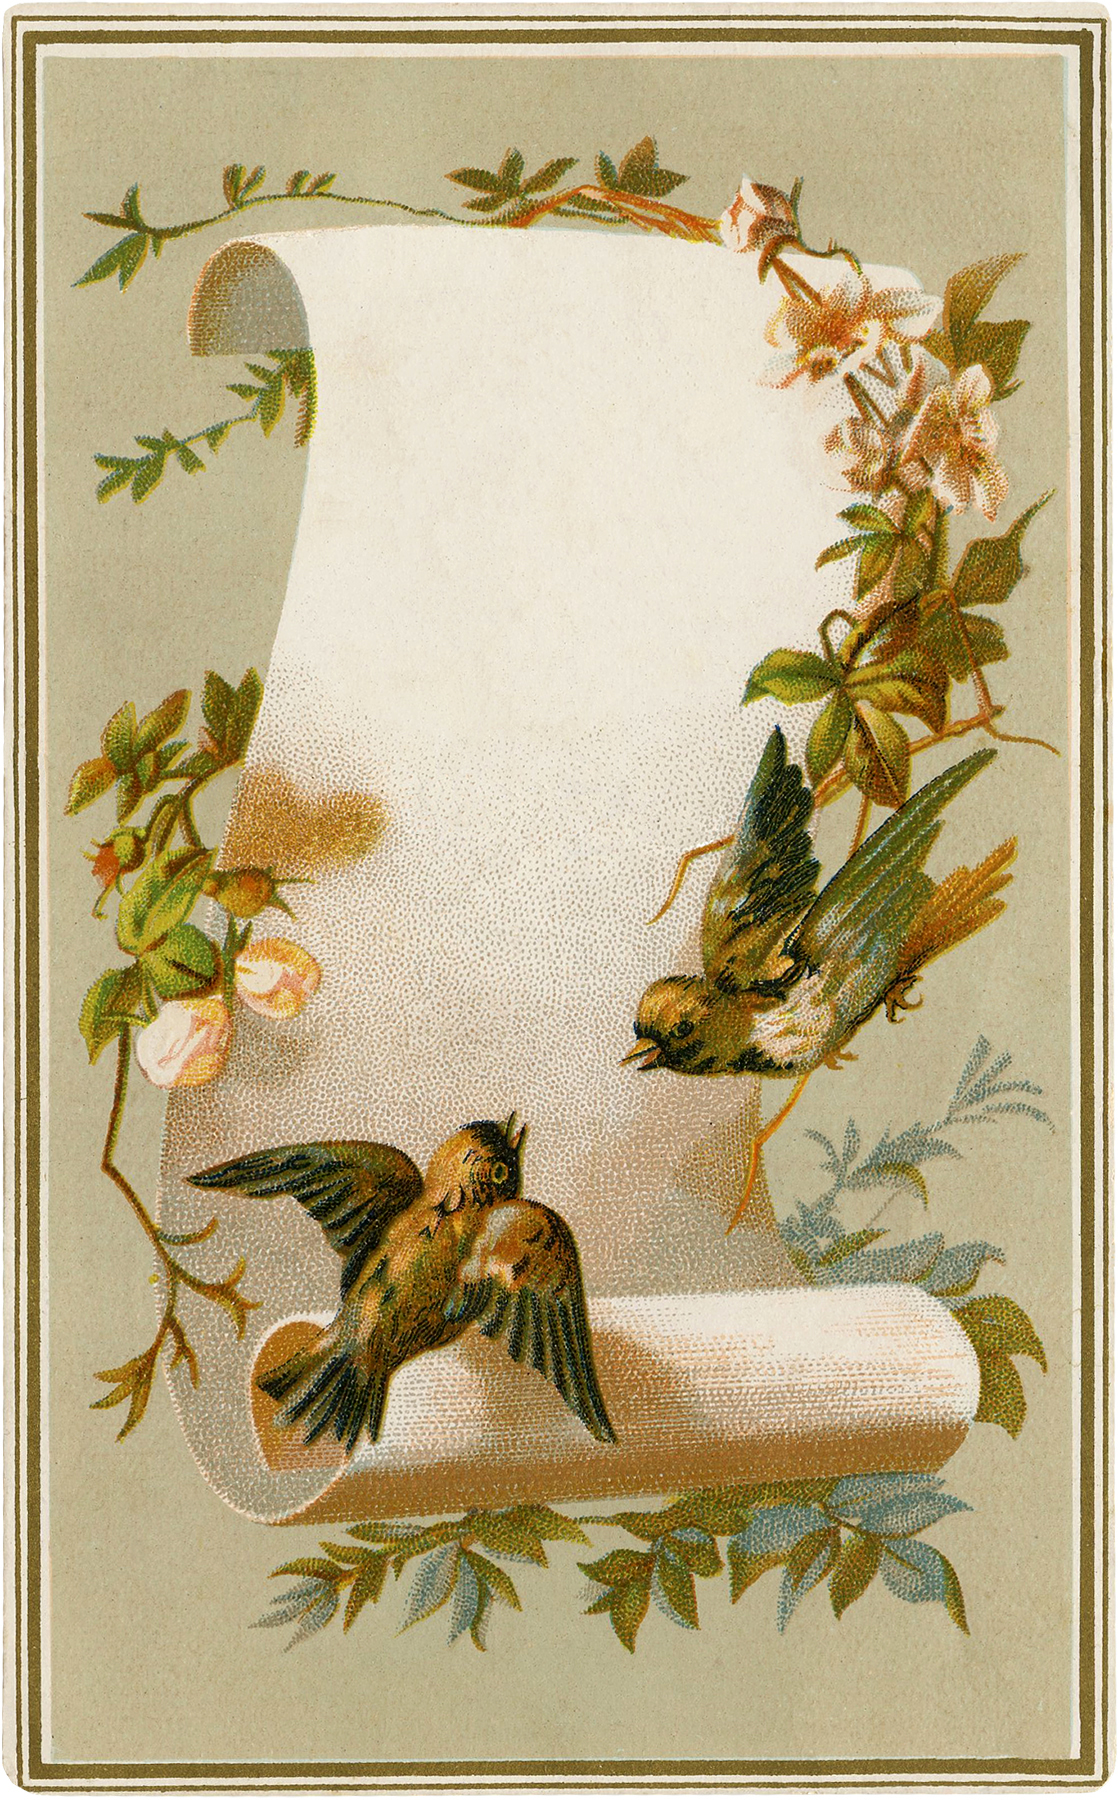 Vintage Birds Label Image